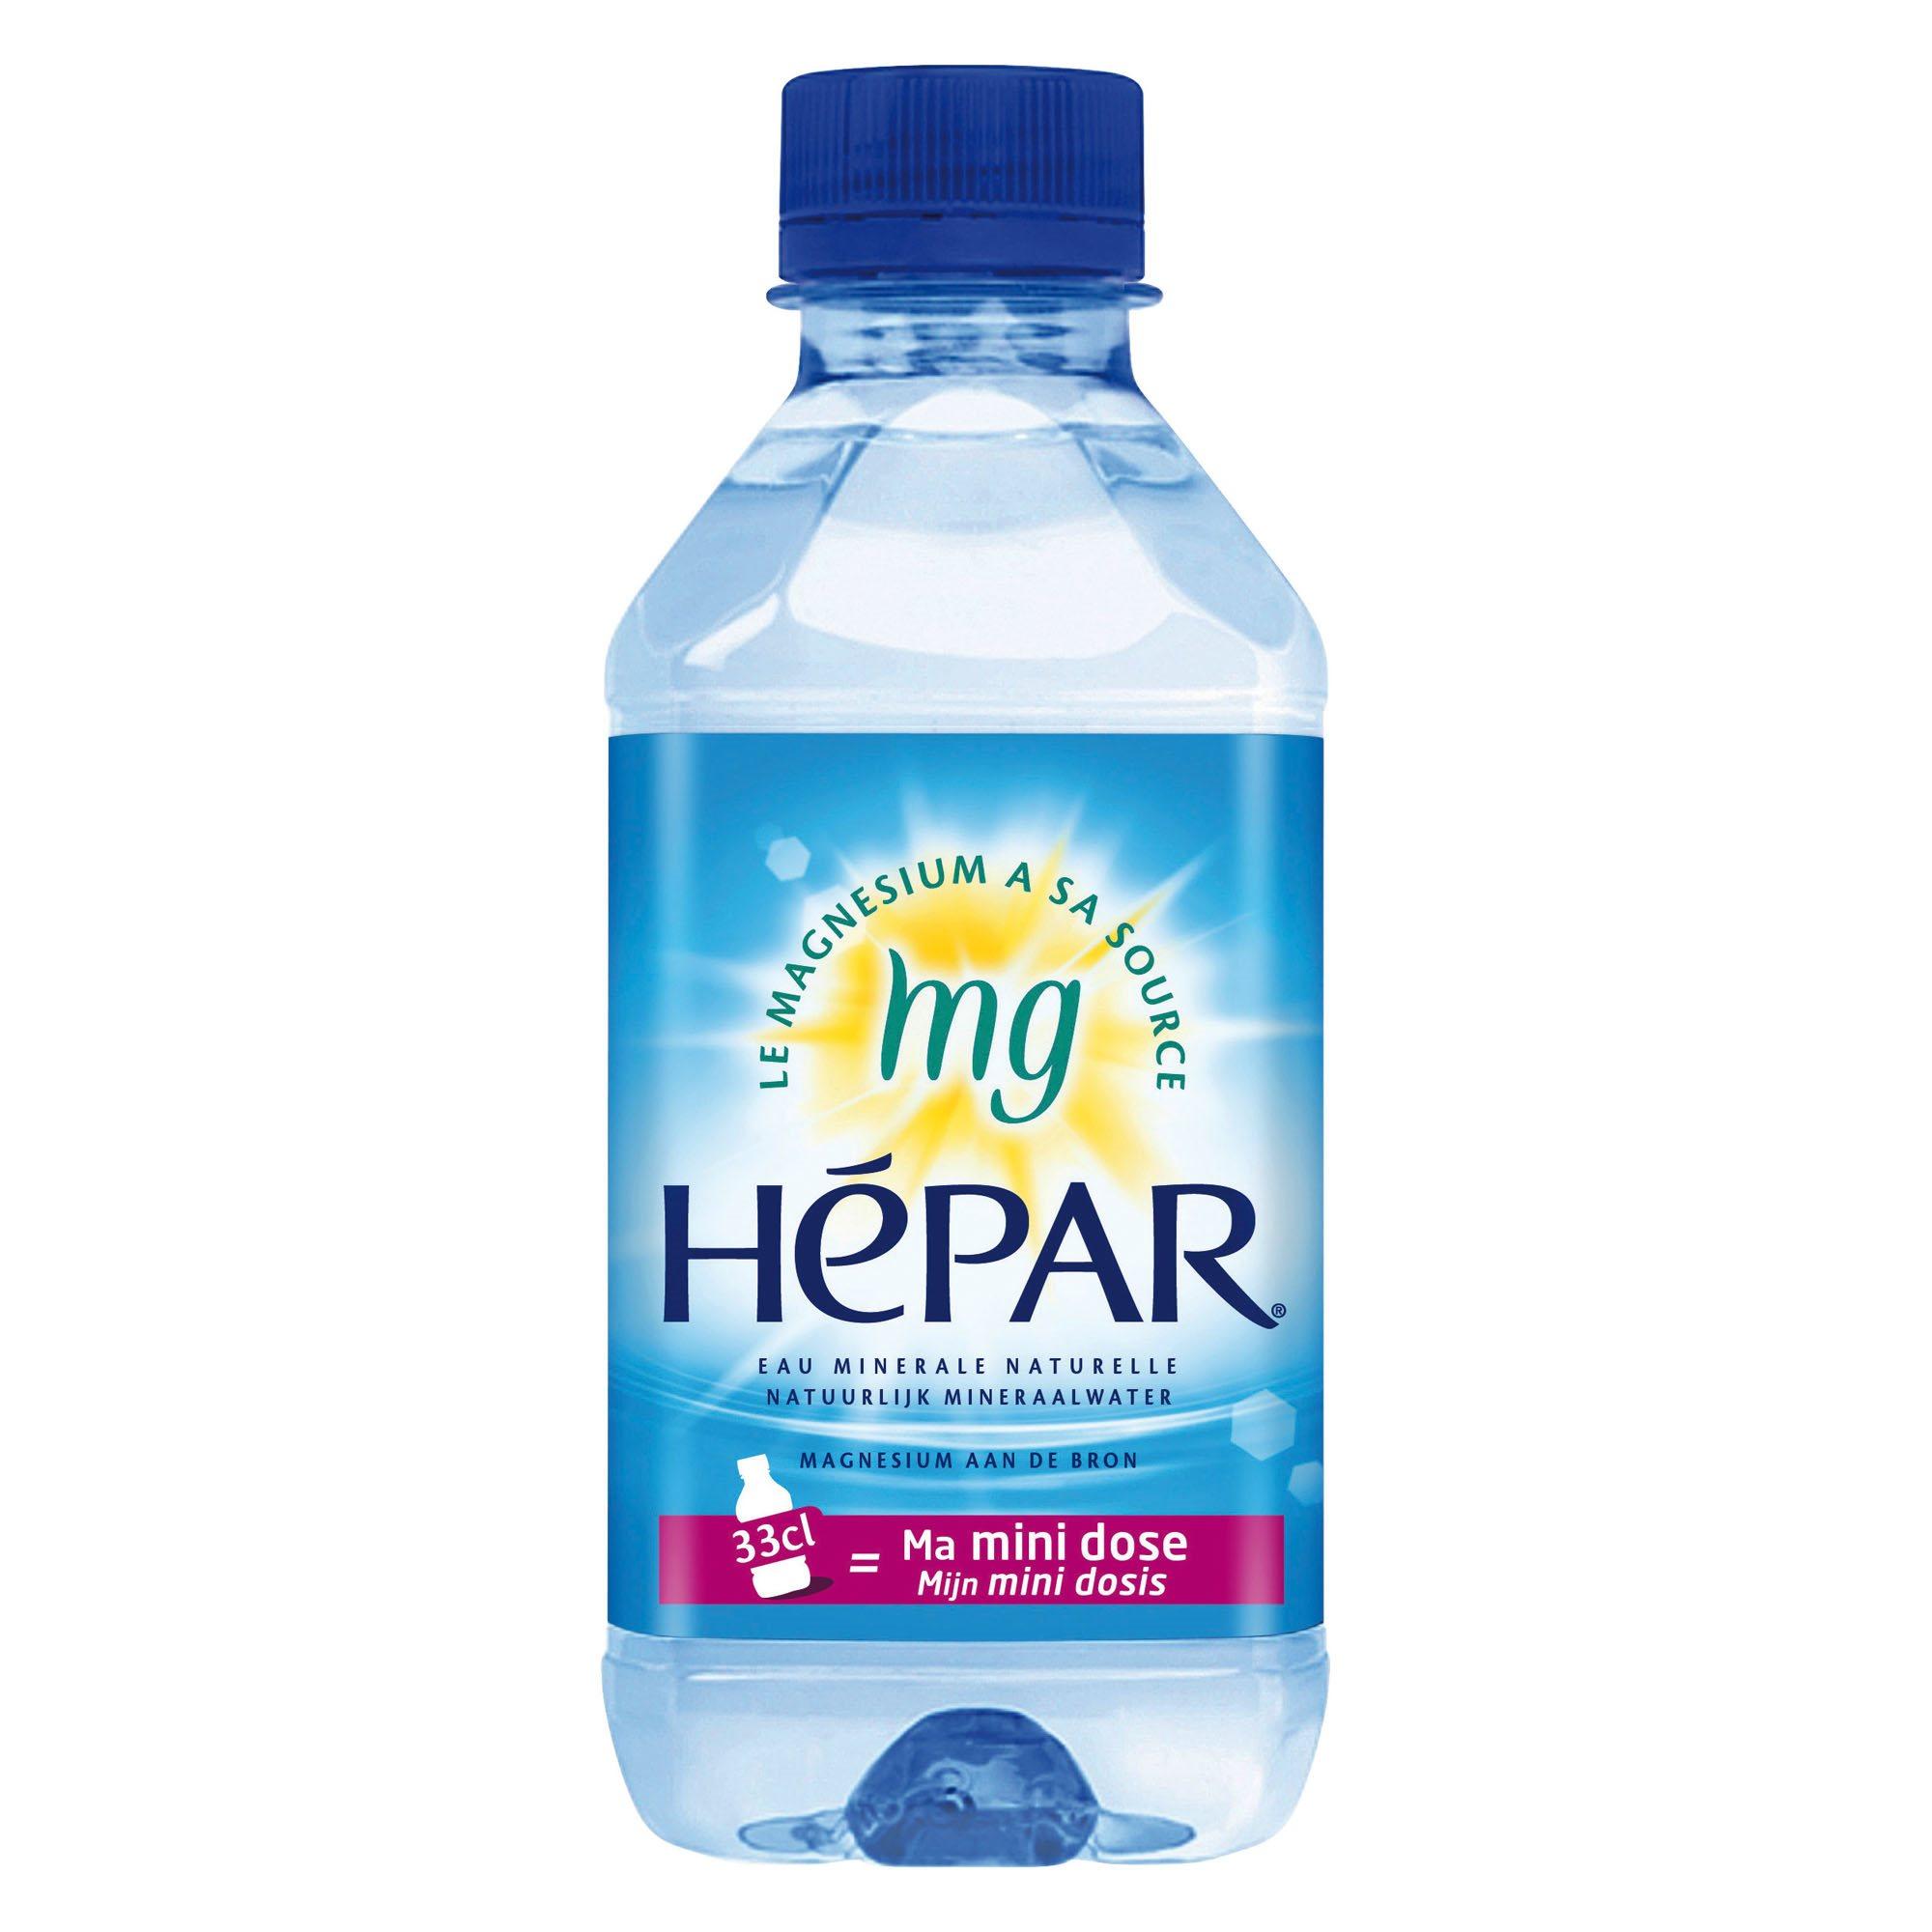 Hepar (33 cl)